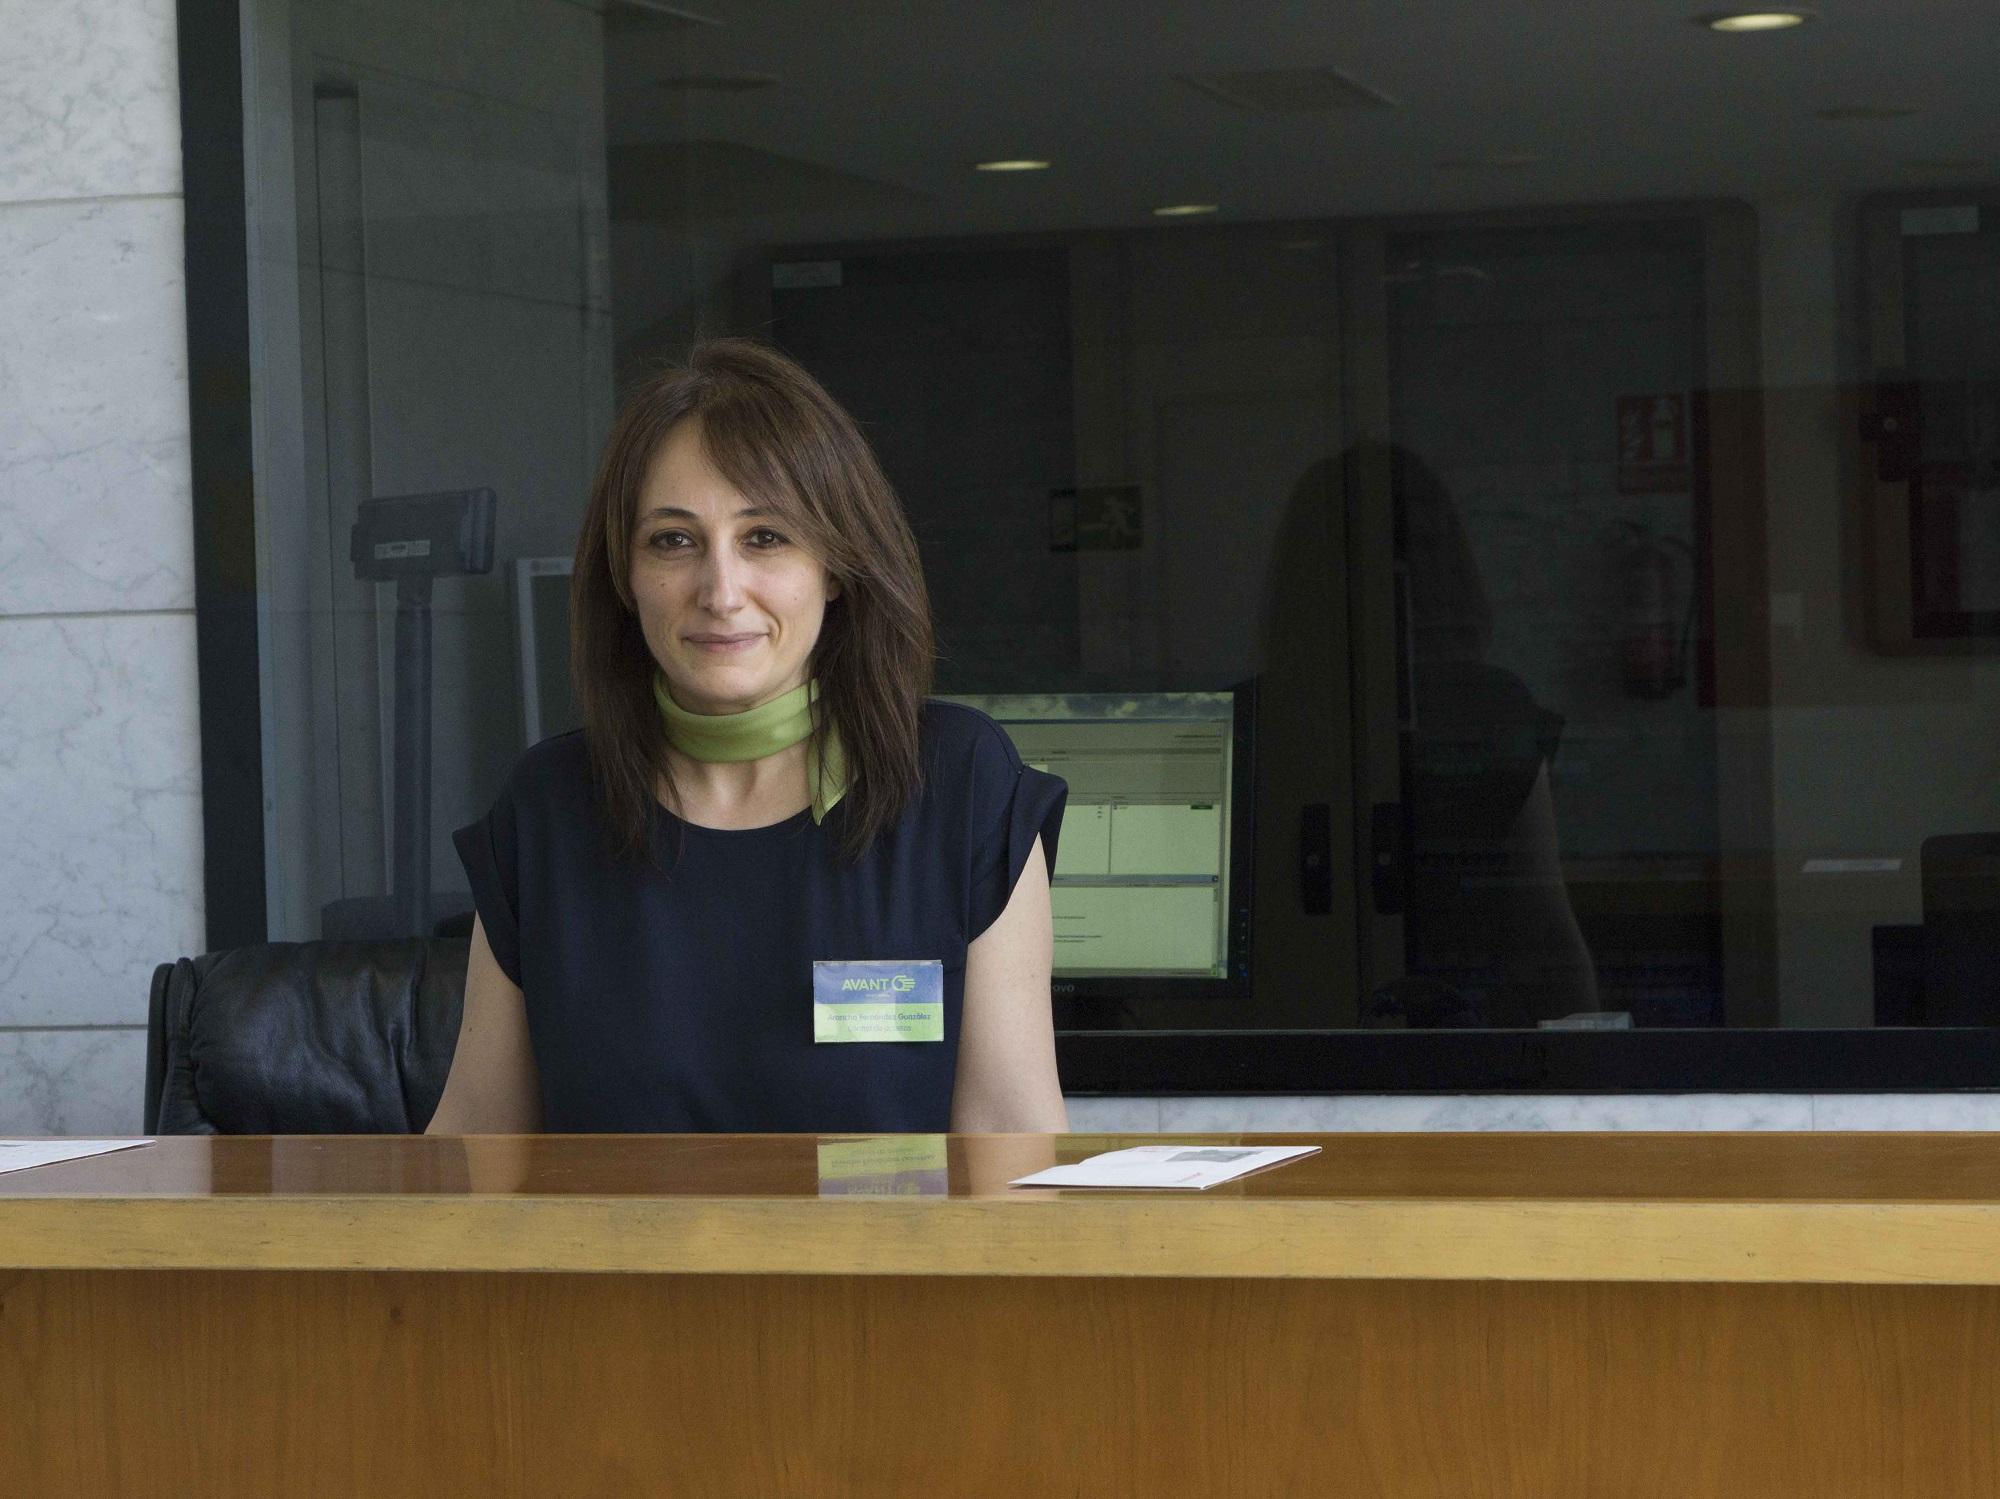 Servicio de recepción en FITENI IX. Cuando la profesionalidad marca la diferencia